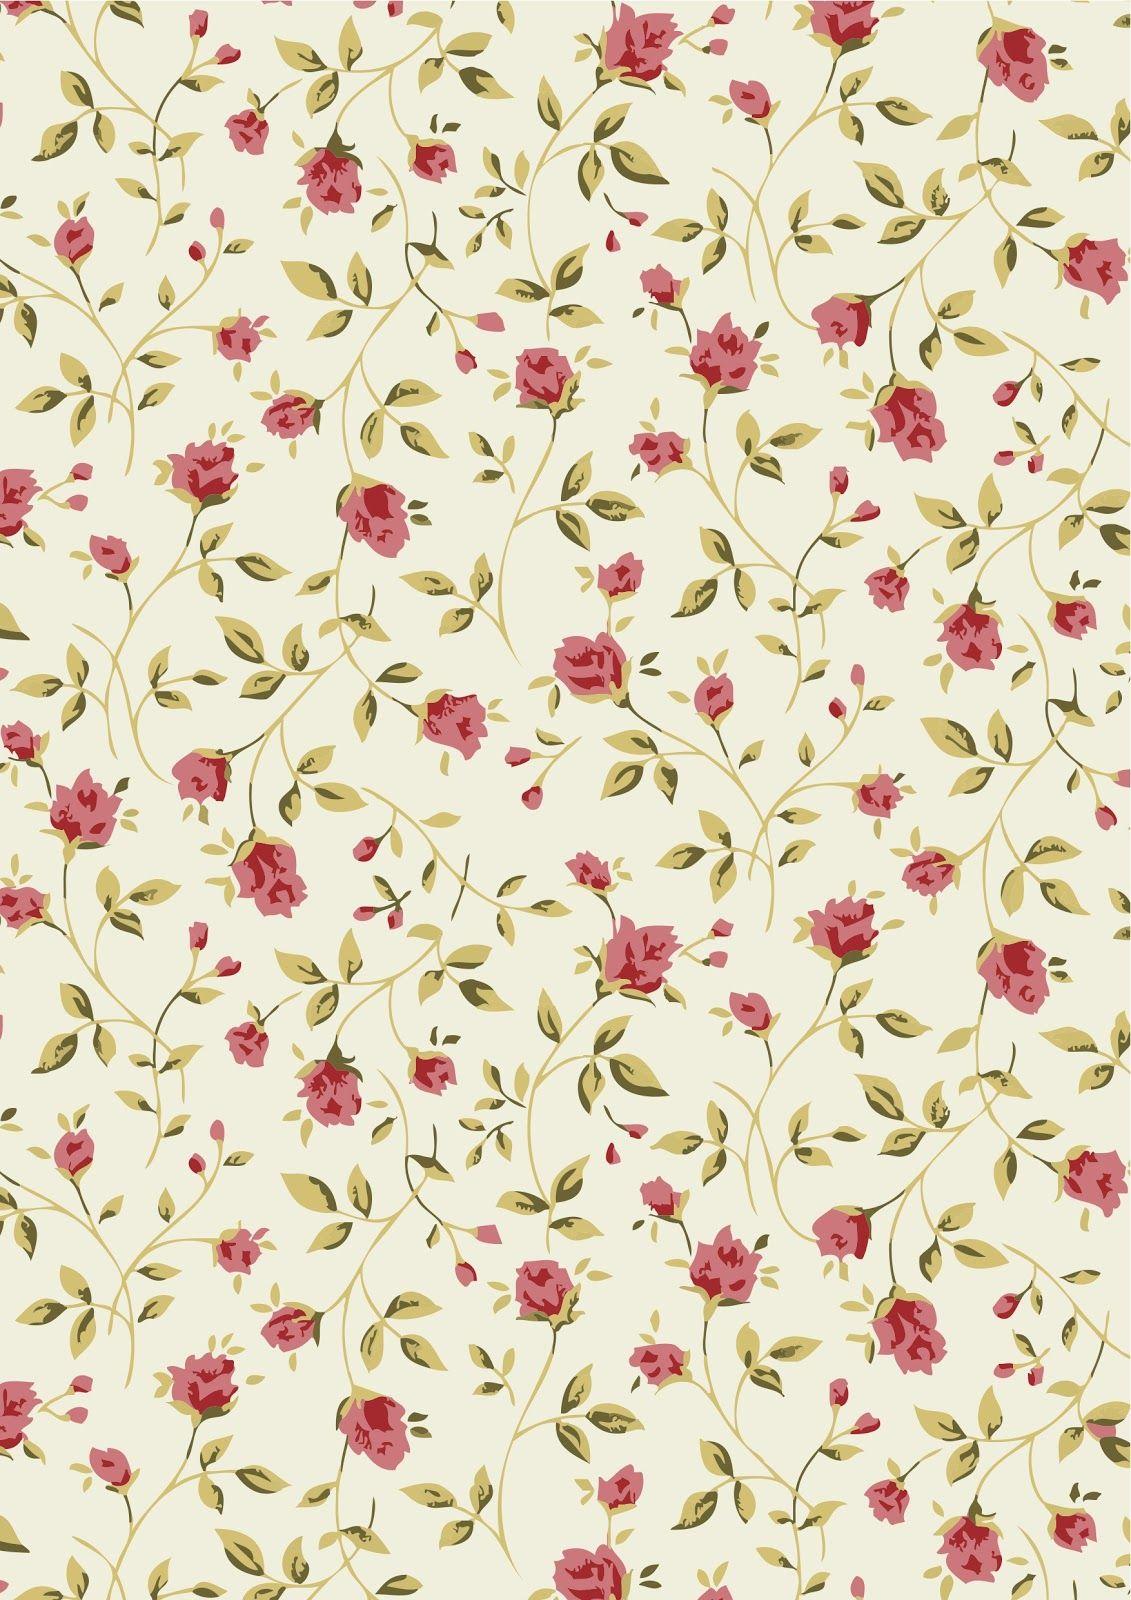 Pingl par chanchan sur papiers fleurs pinterest - Pinterest papier peint ...